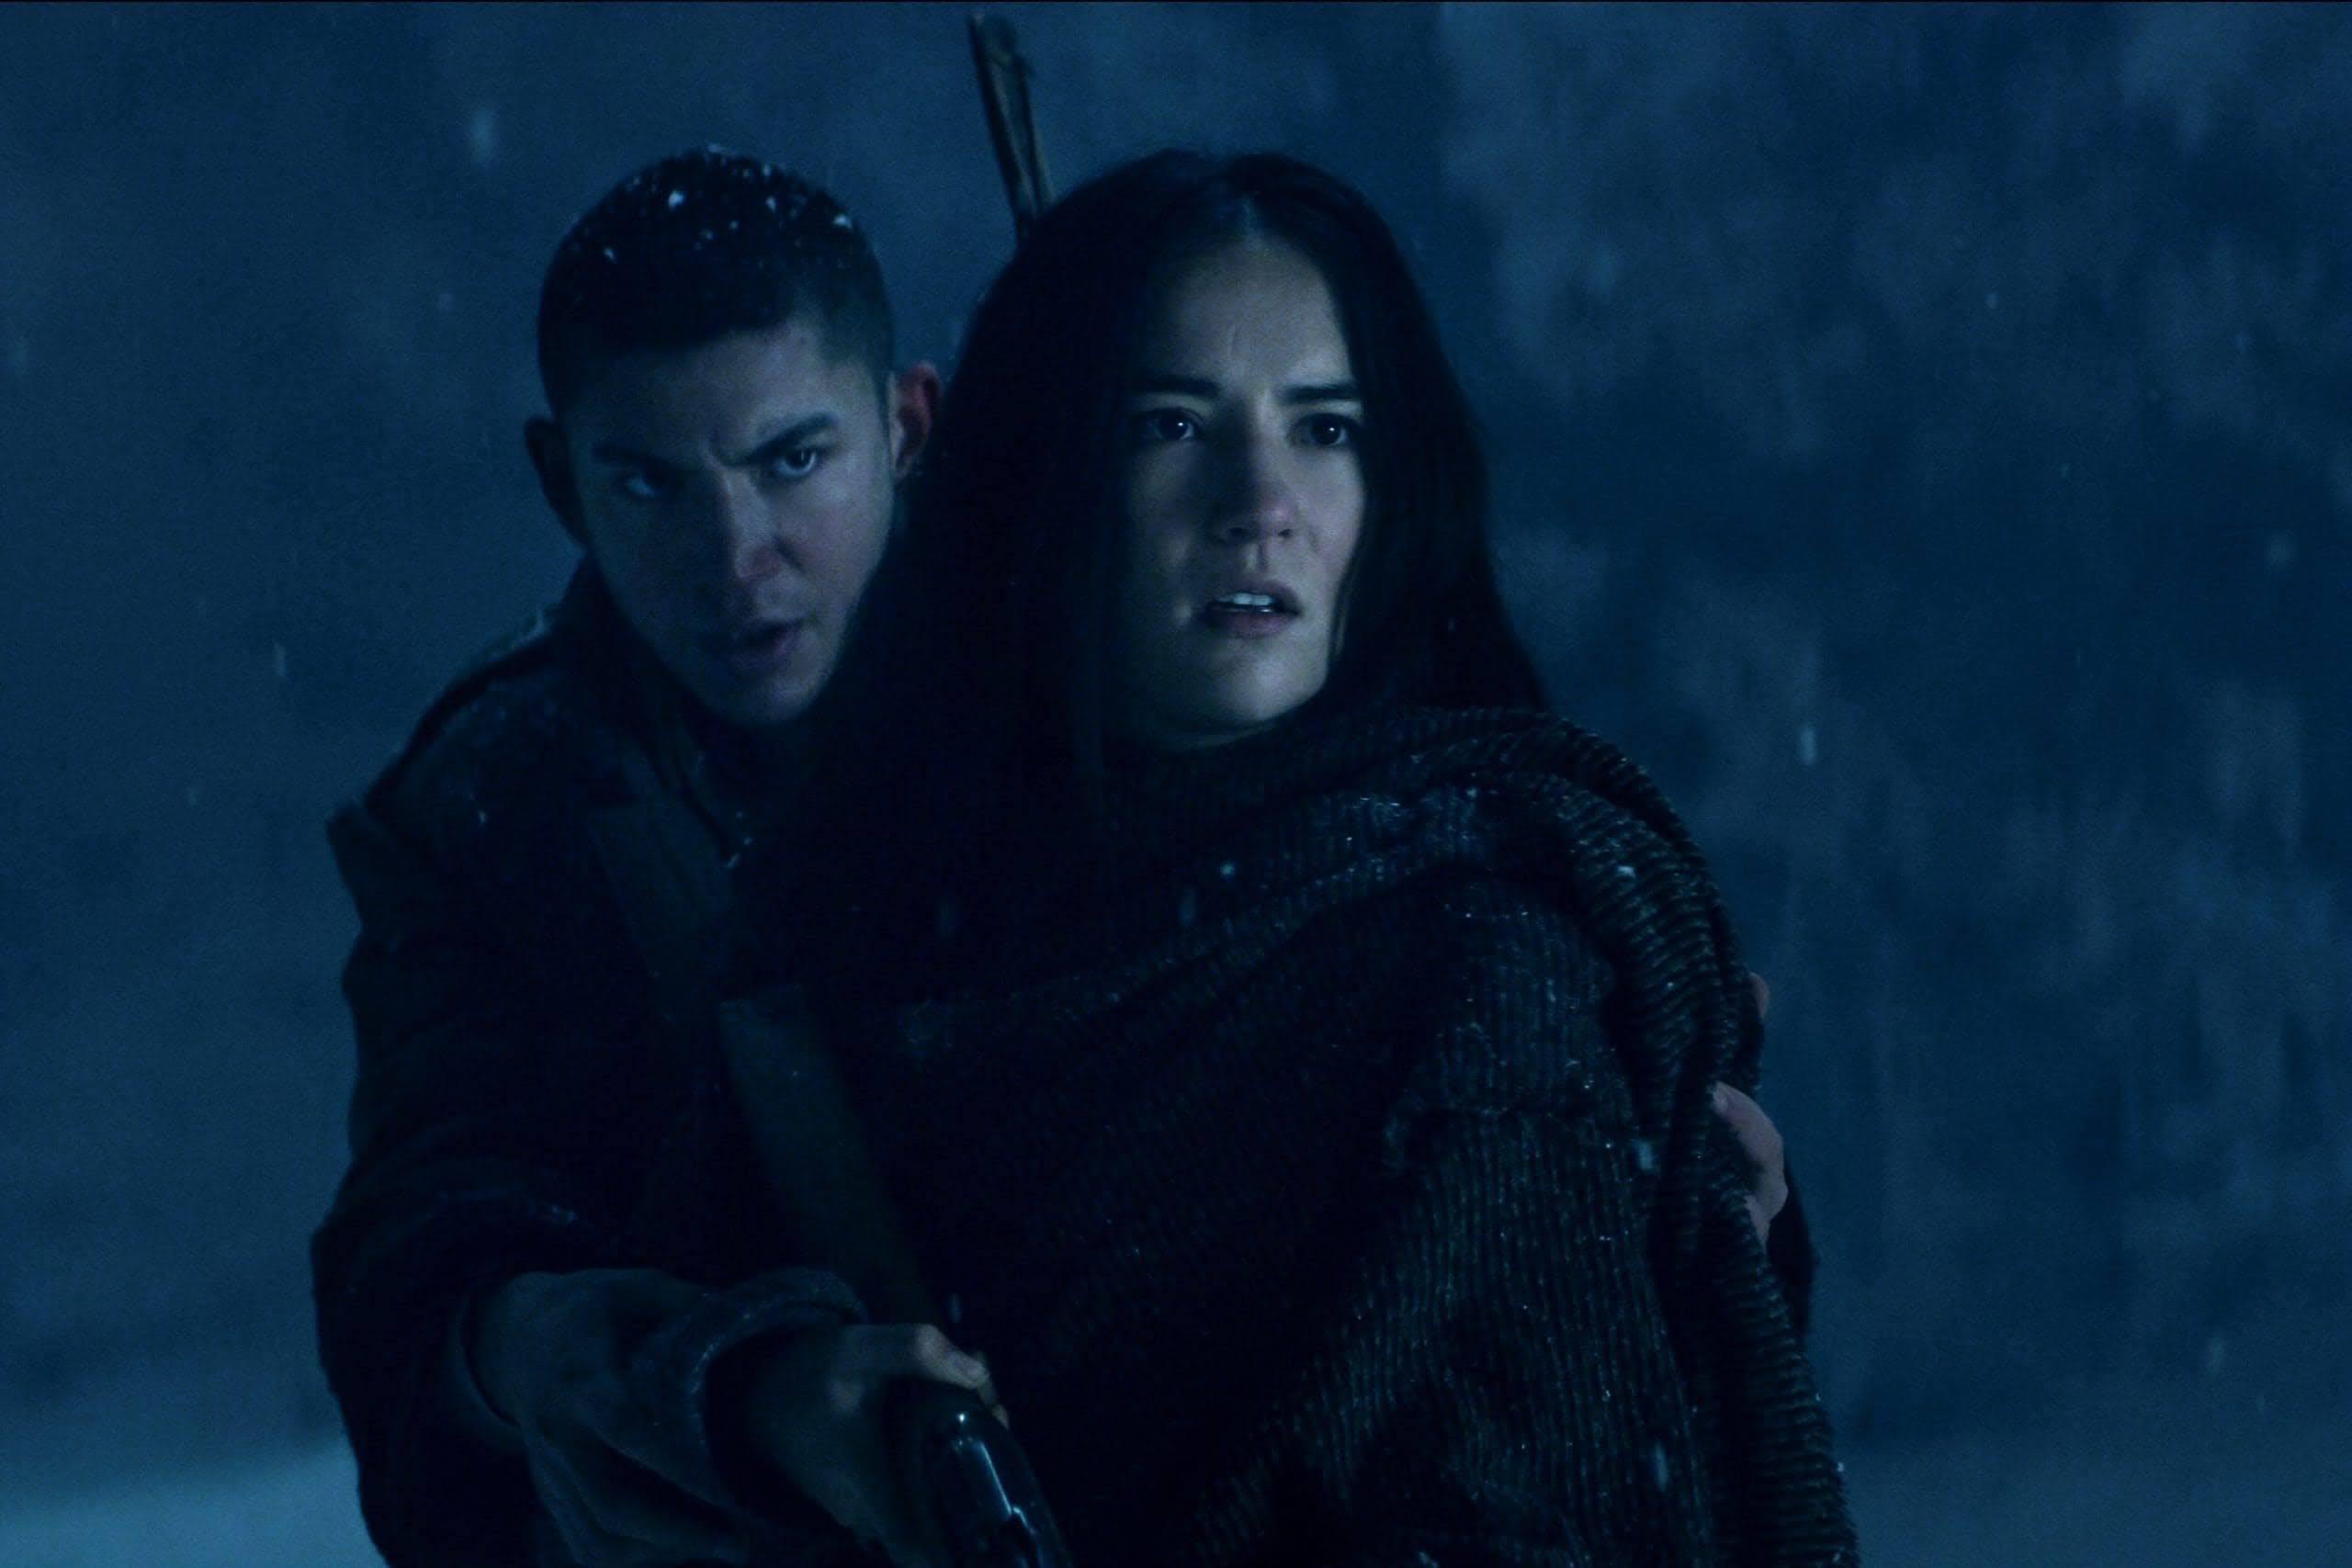 Shadow and Bone : Netflix の次の大ヒット作になりそうなベストセラー小説「魔法師グリーシャの騎士団」シリーズをドラマ化したファンタジー・アドベンチャーの超大作「シャドウ・アンド・ボーン」の見どころ満載の新しい予告編 ! !